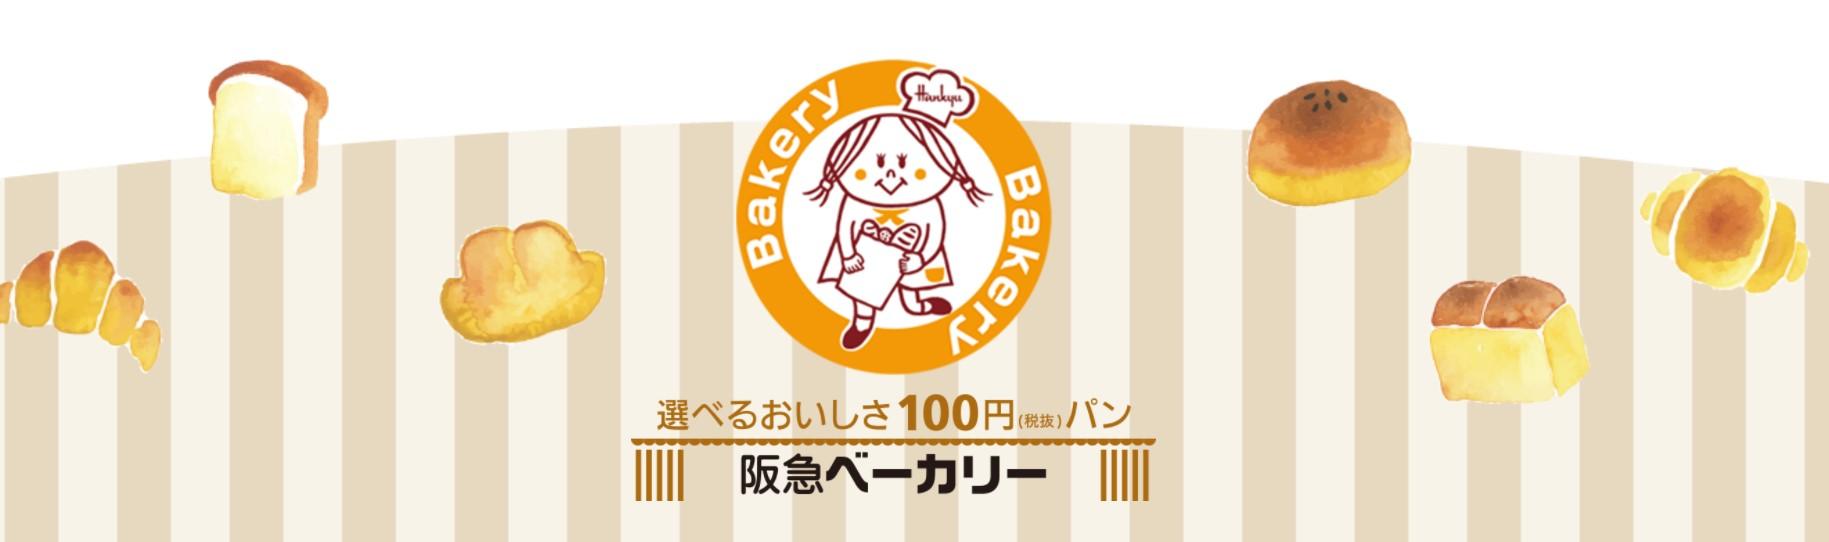 阪急ベーカリーニコキッチン六本松